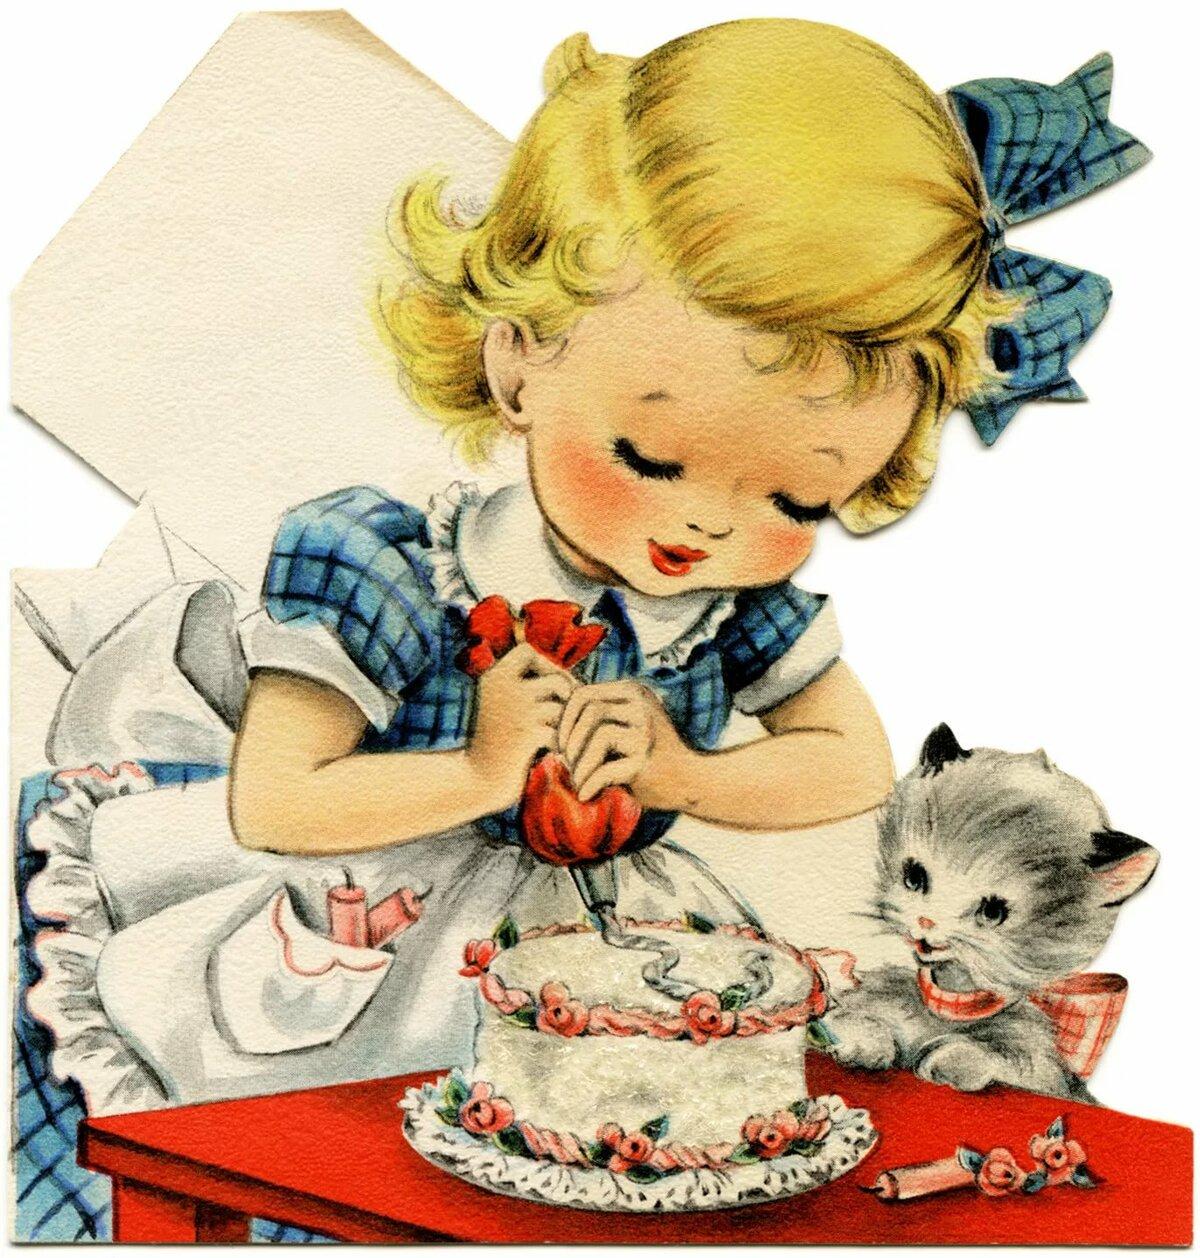 с днем рождения старинные открытки сестре чертой